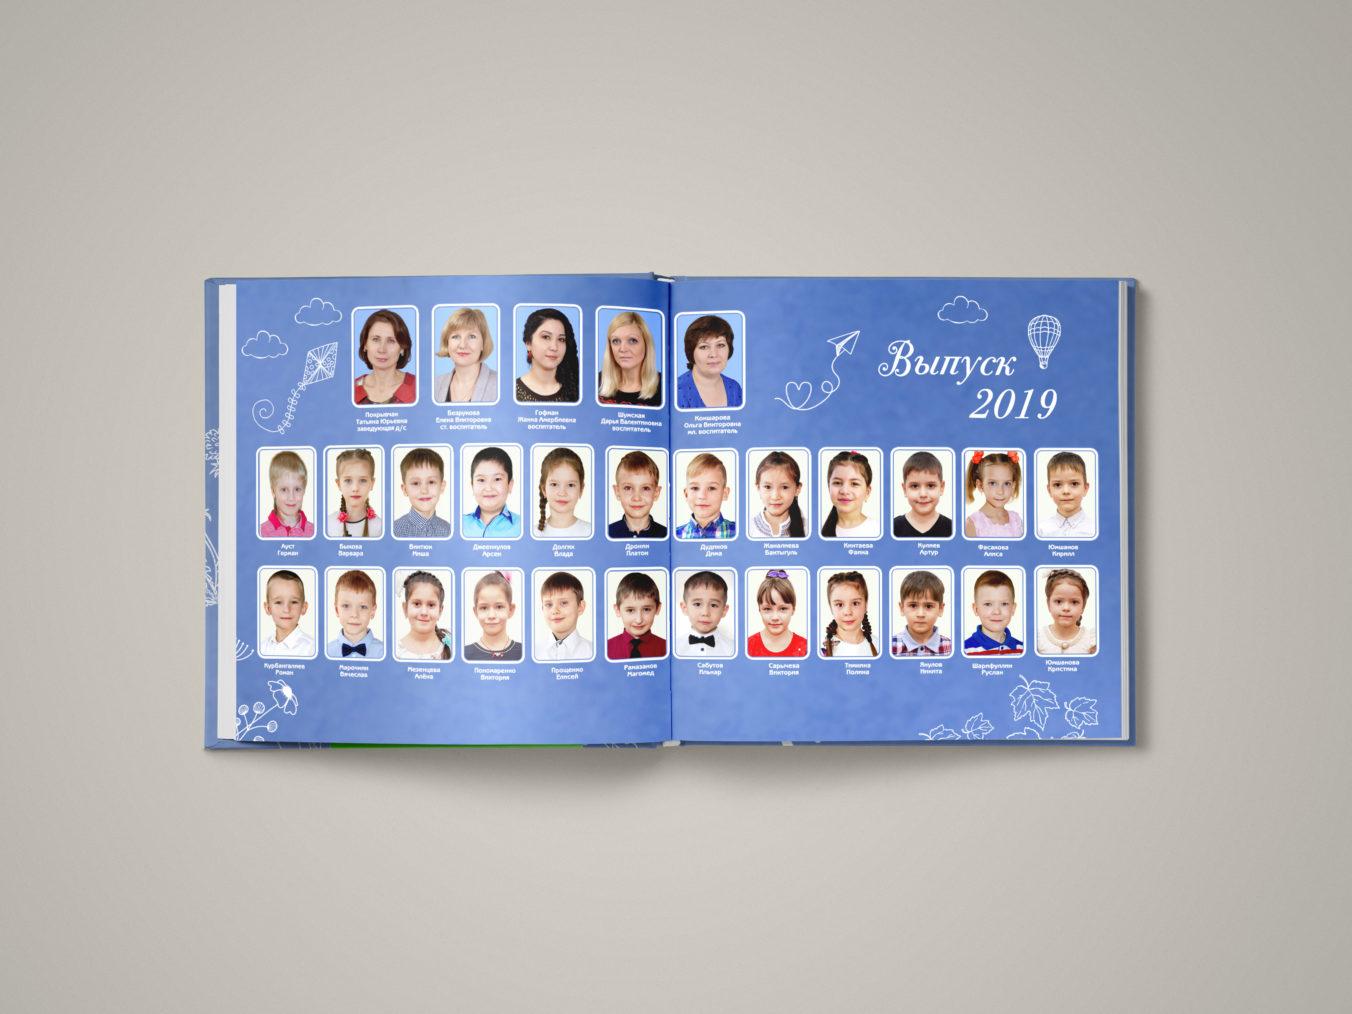 Выпускной альбом детского сада, общее фото из виньеток